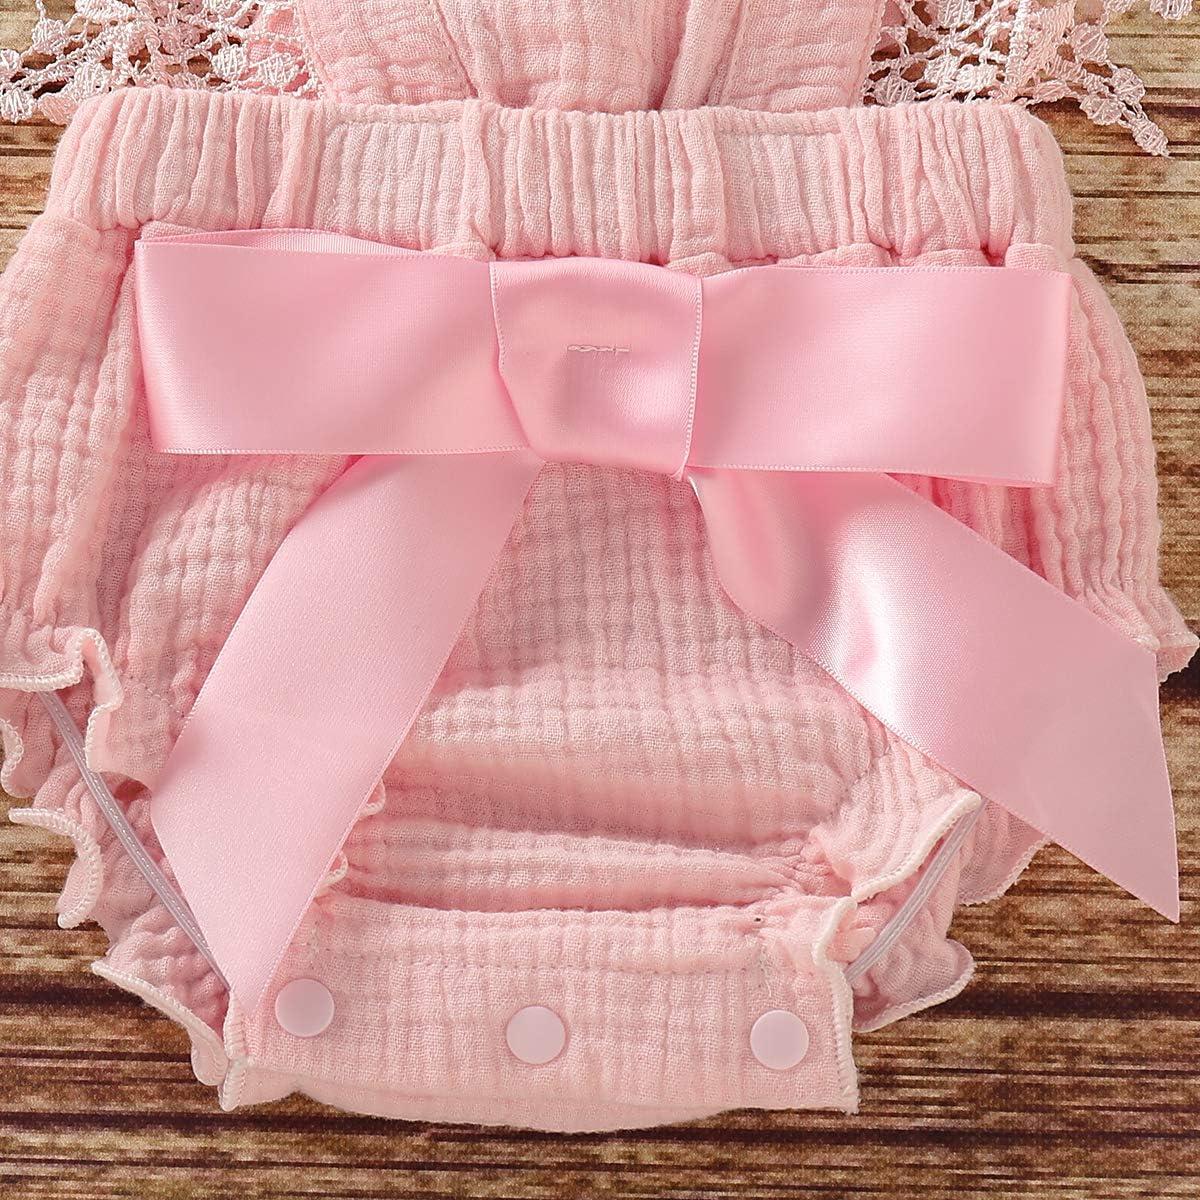 T TALENTBABY neonati ragazze Onsises estate pagliaccetto senza maniche Feste pizzo ruche Jumpsuit Outfits Bowknot Bodysuits casual spiaggia vestiti